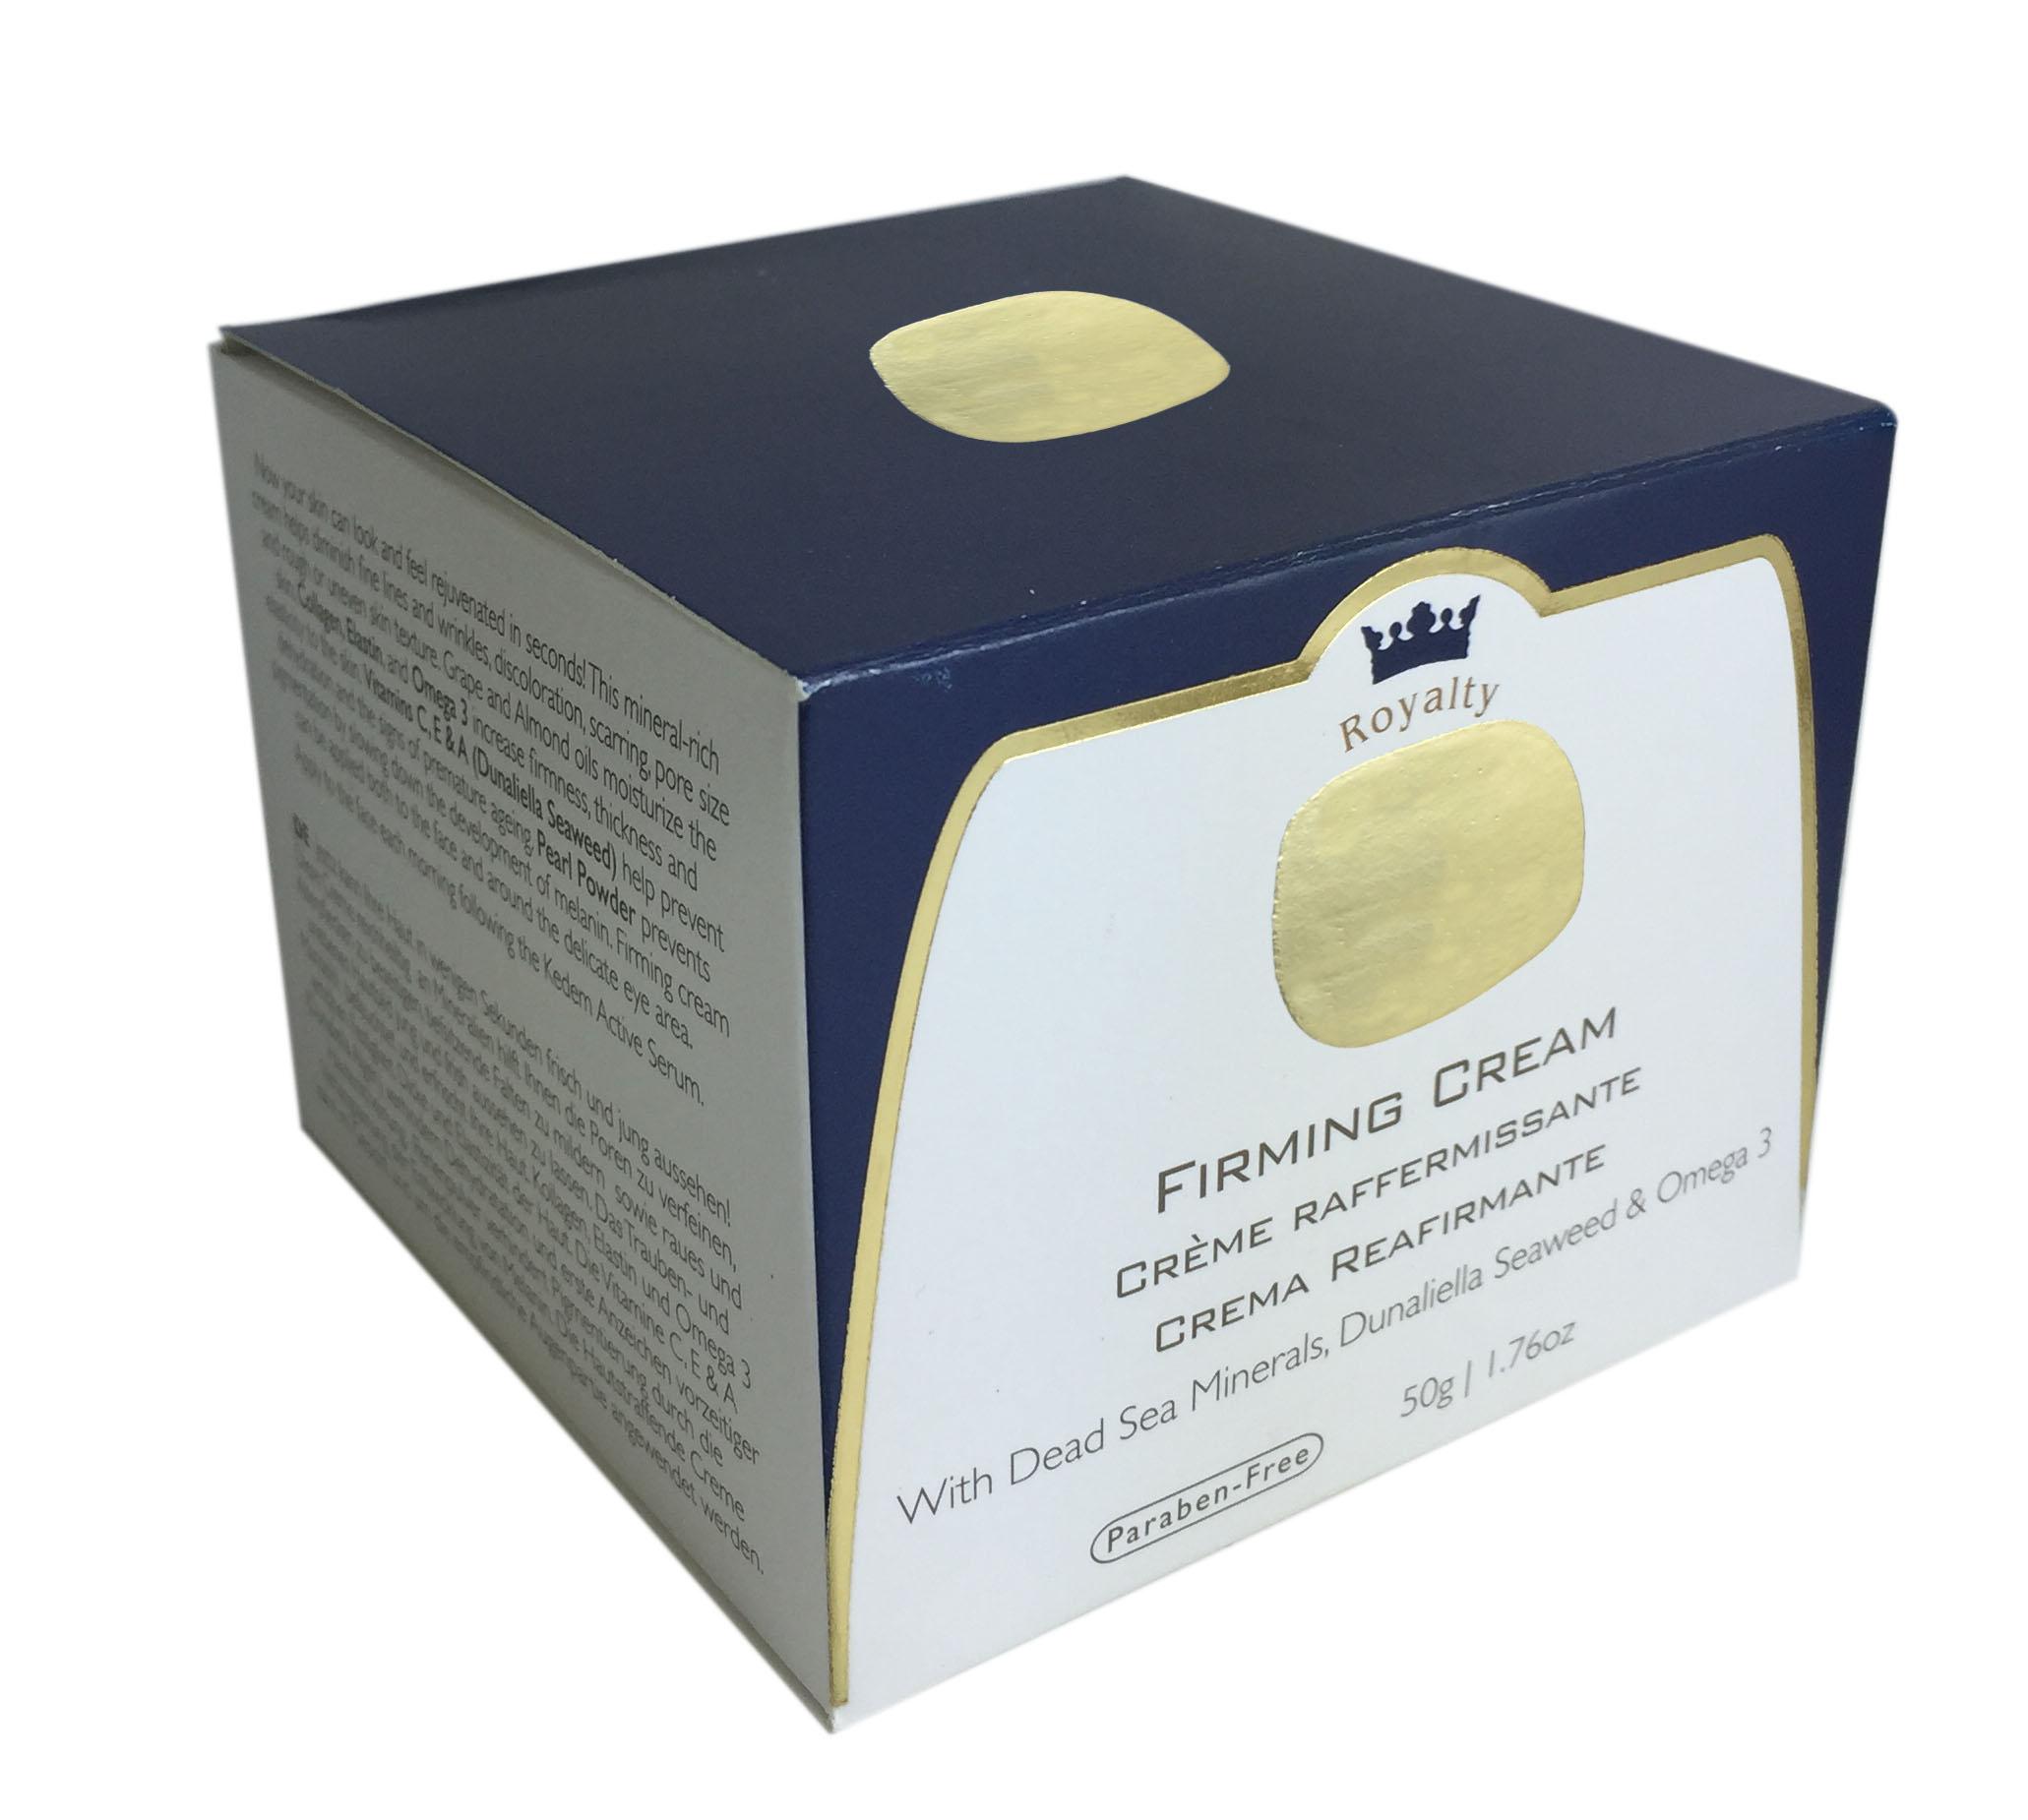 קרם ממצק רואילטי מוצרי ים המלח